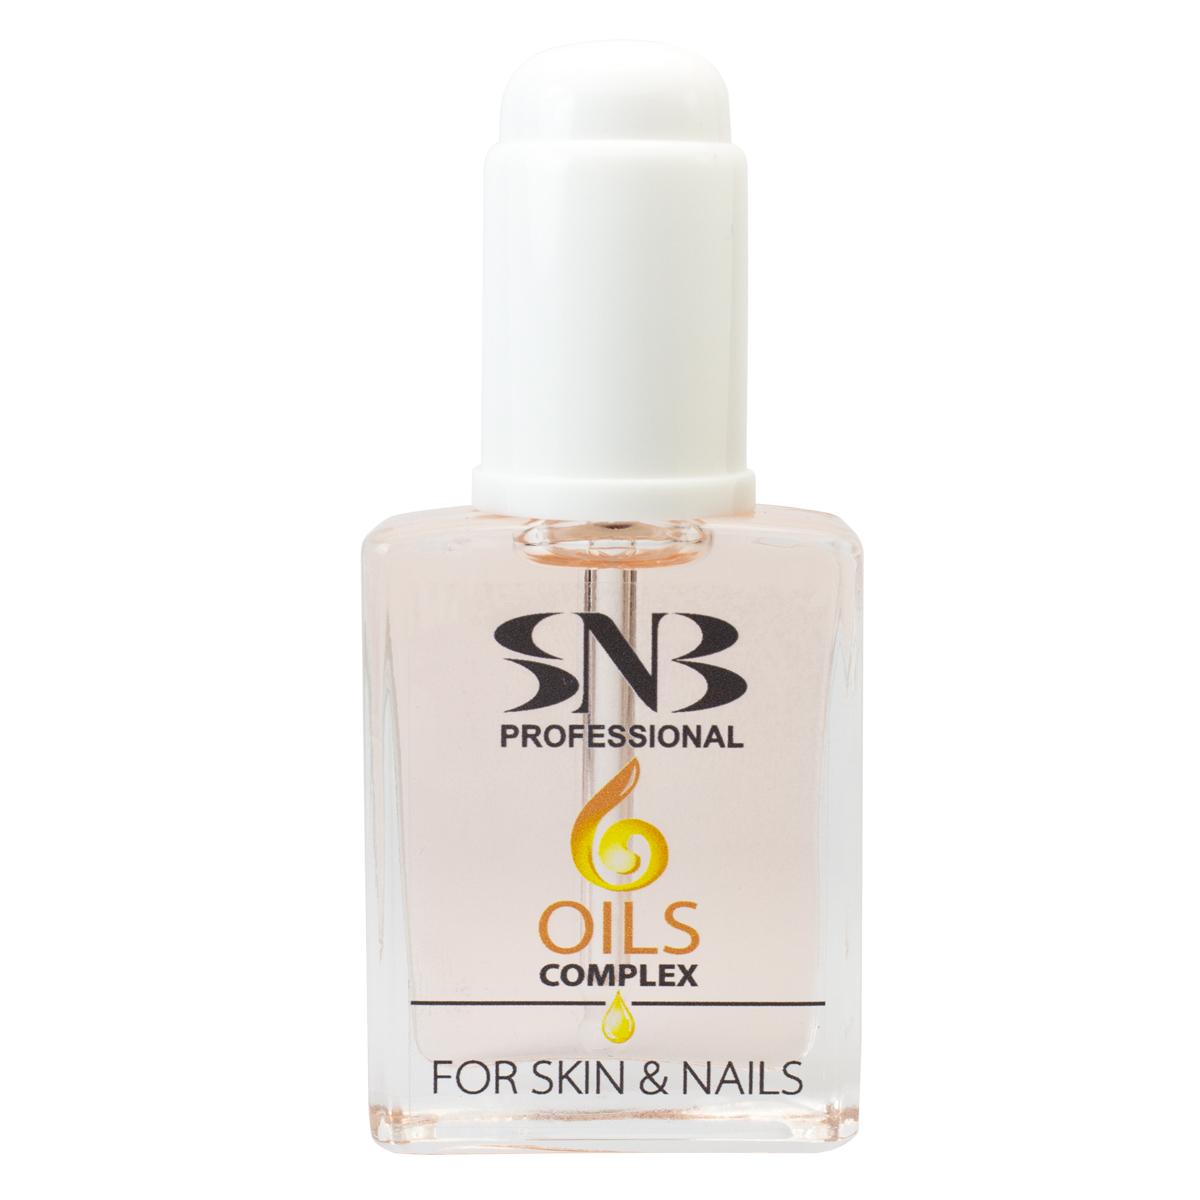 Комплекс от 6 масла за нокти, кожички и ръце SNB